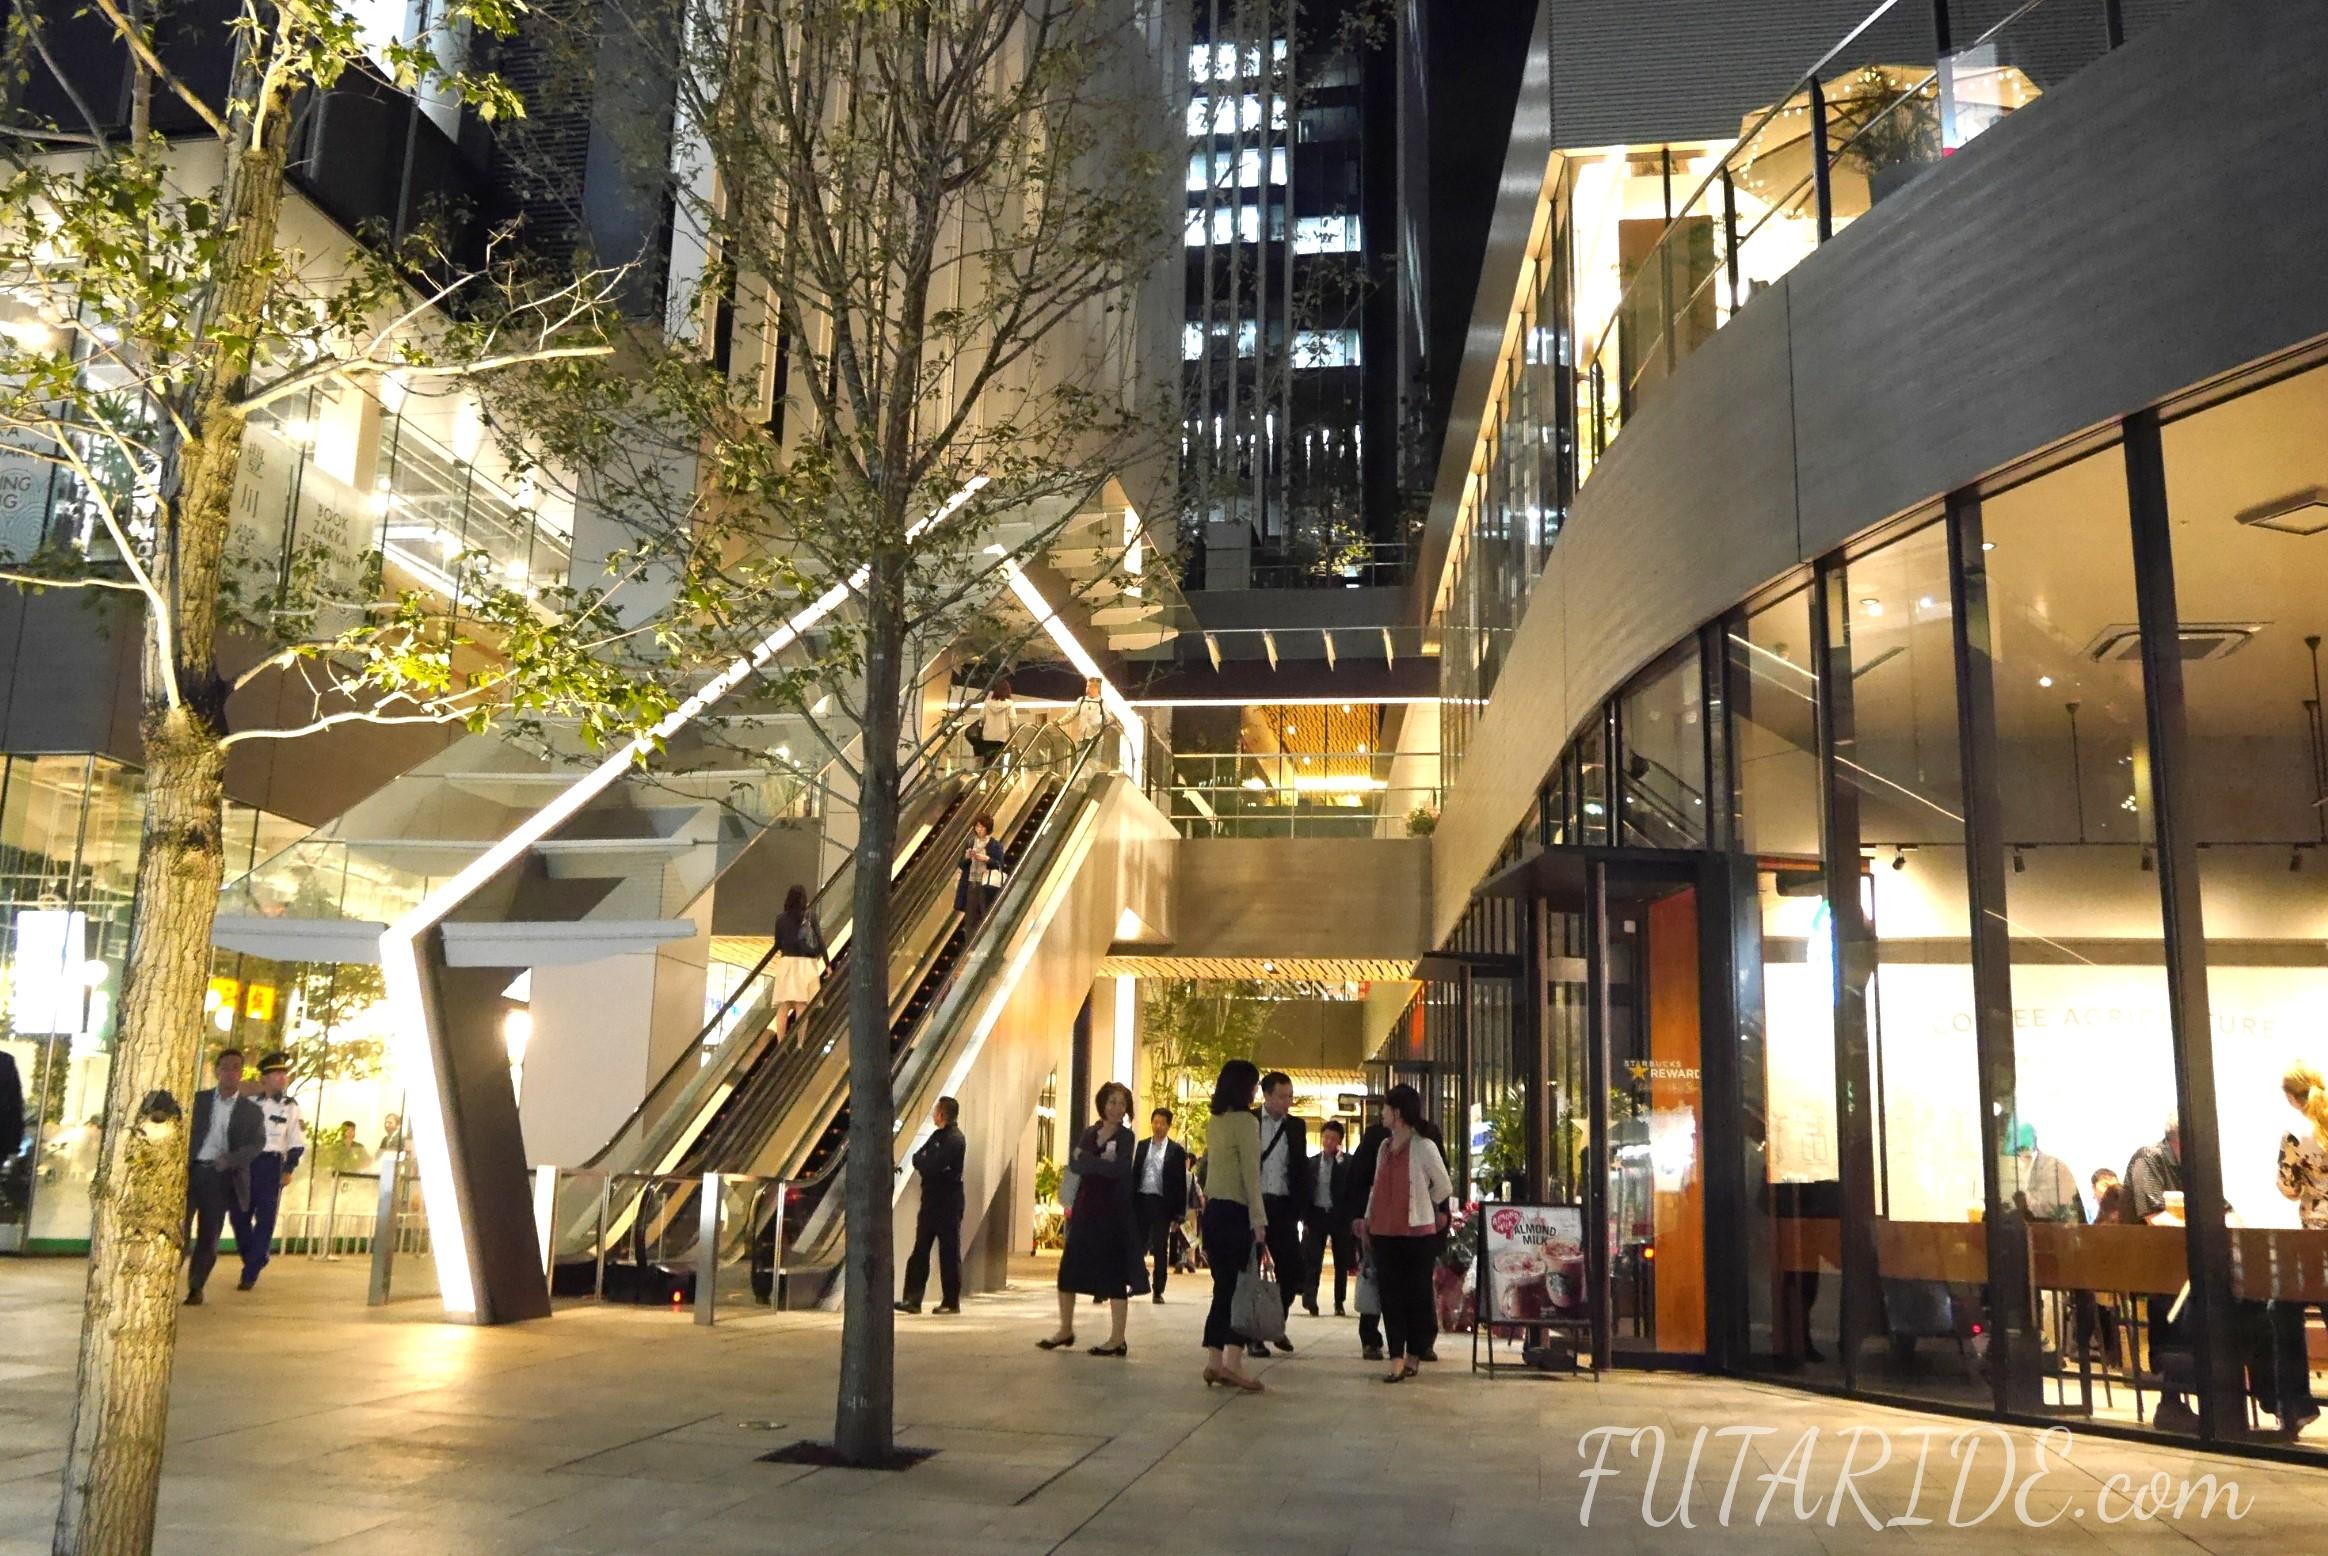 【グローバルゲート】話題性抜群!名古屋初出店レストラン4店まとめ【ささしま・名古屋駅】